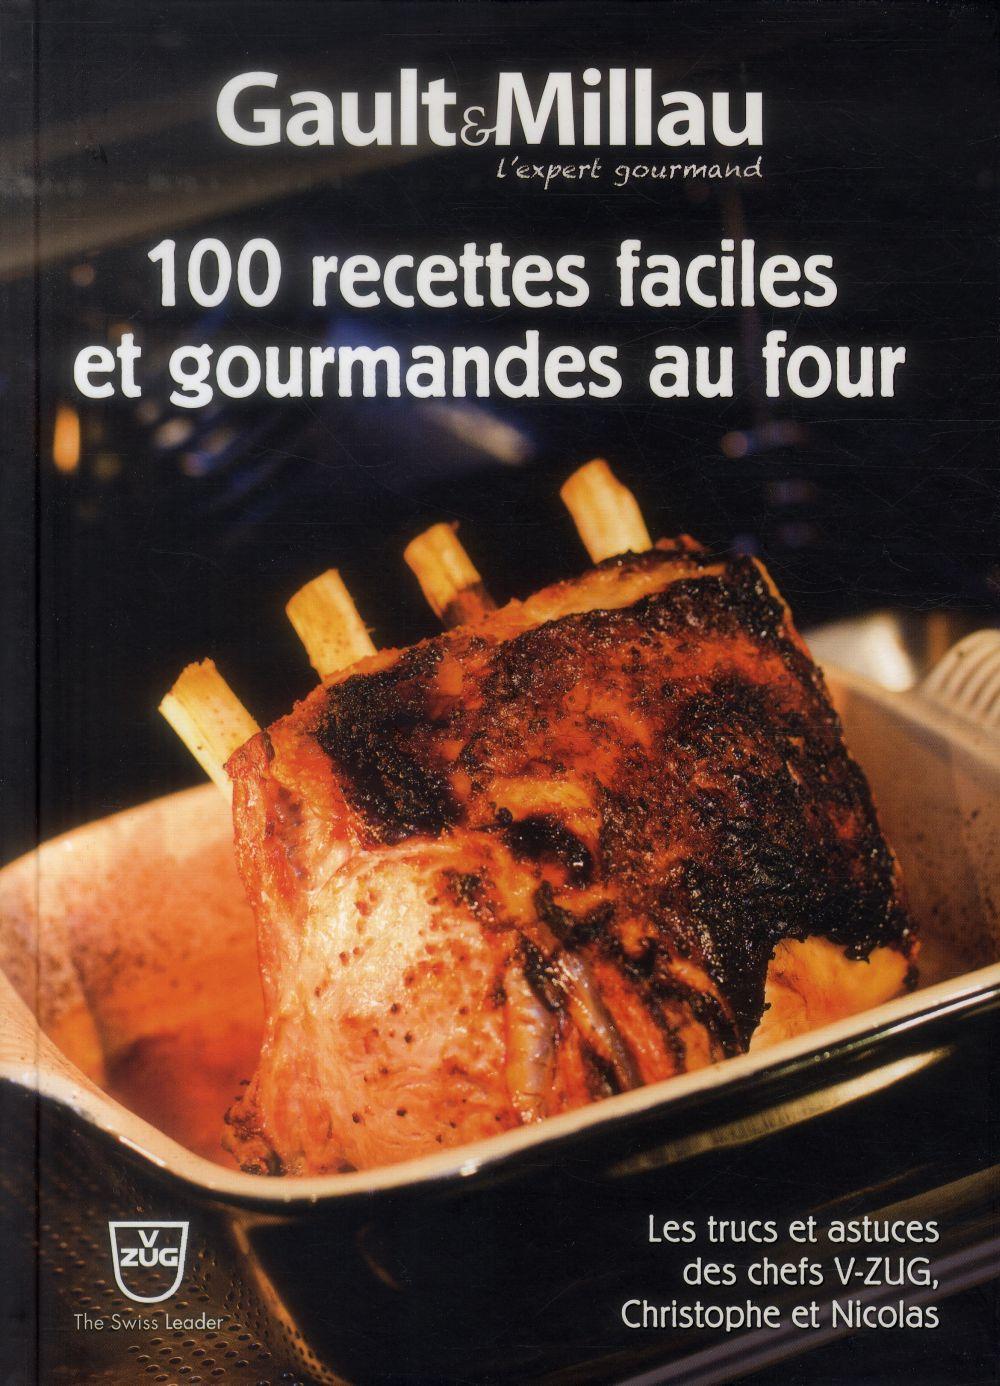 100 RECETTES FACILES ET GOURMANDES AU FOUR